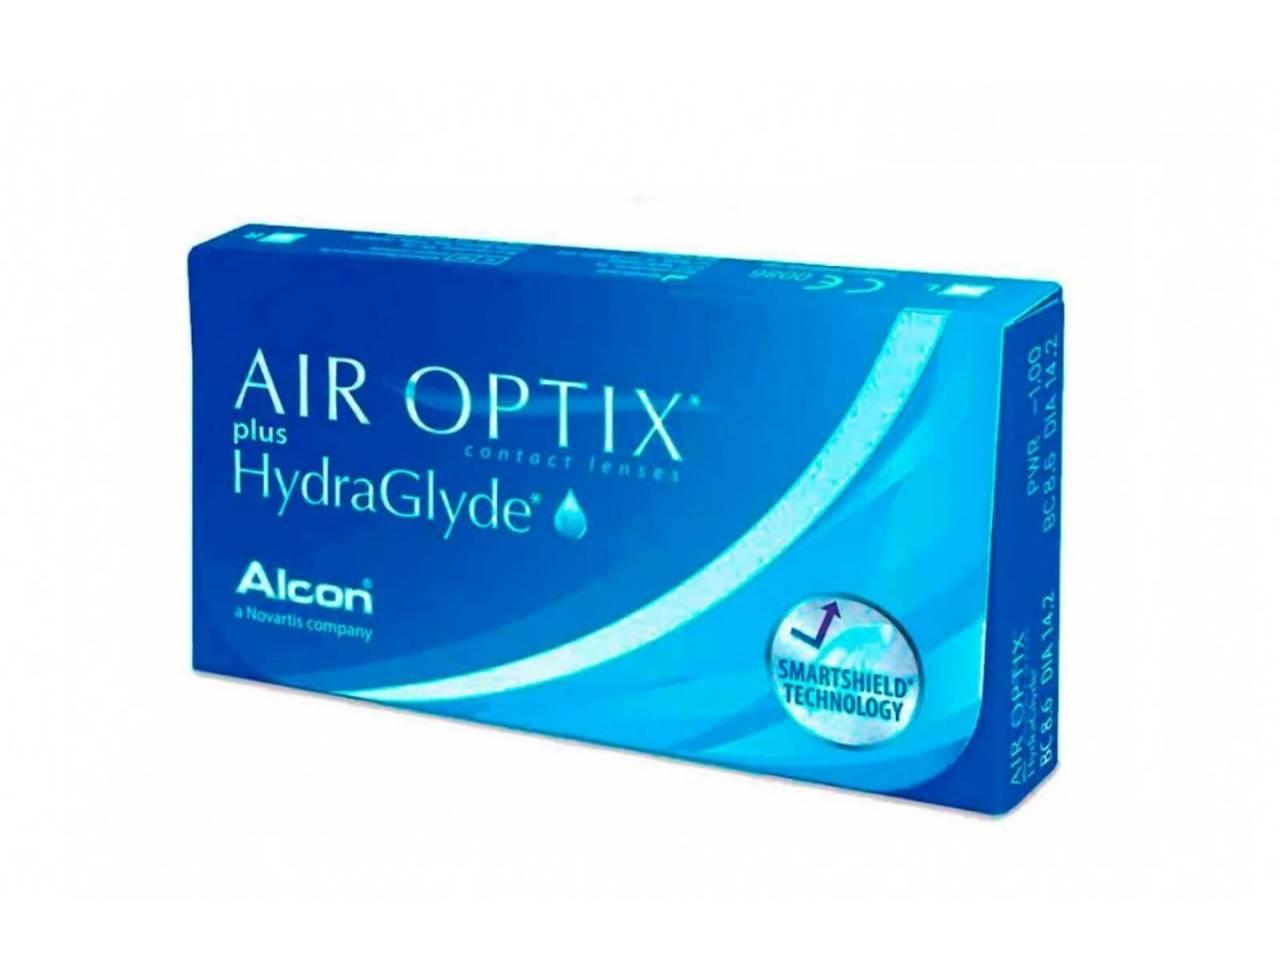 Месячные контактные линзы Alcon Air Optix plus HydraGlyde - Фото №7